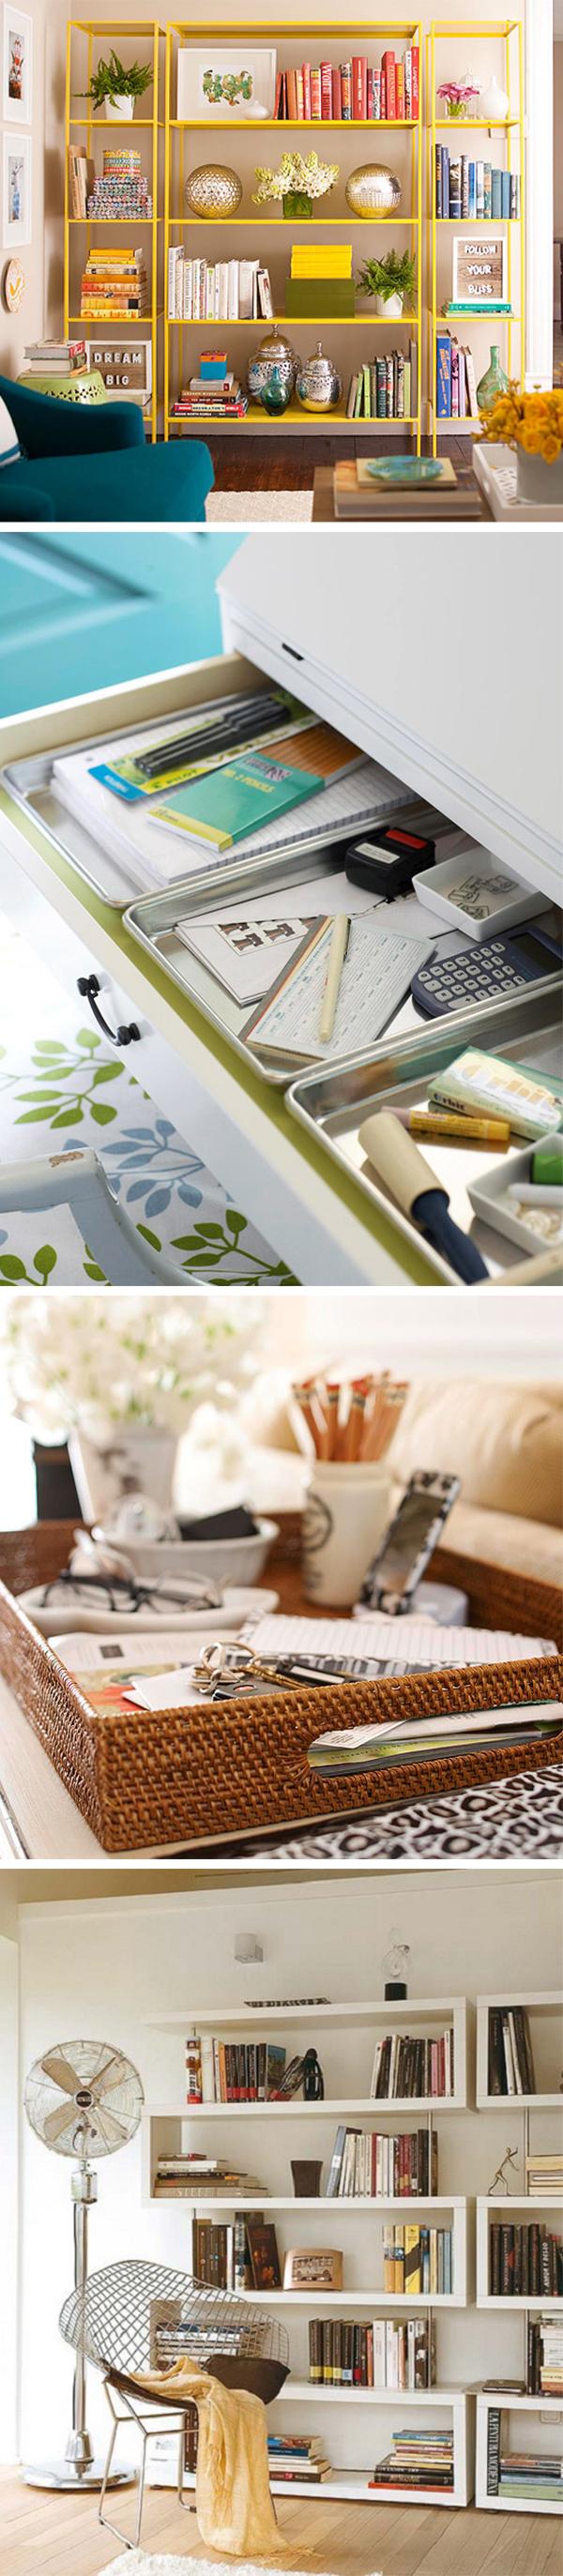 Como manter a casa organizada 3